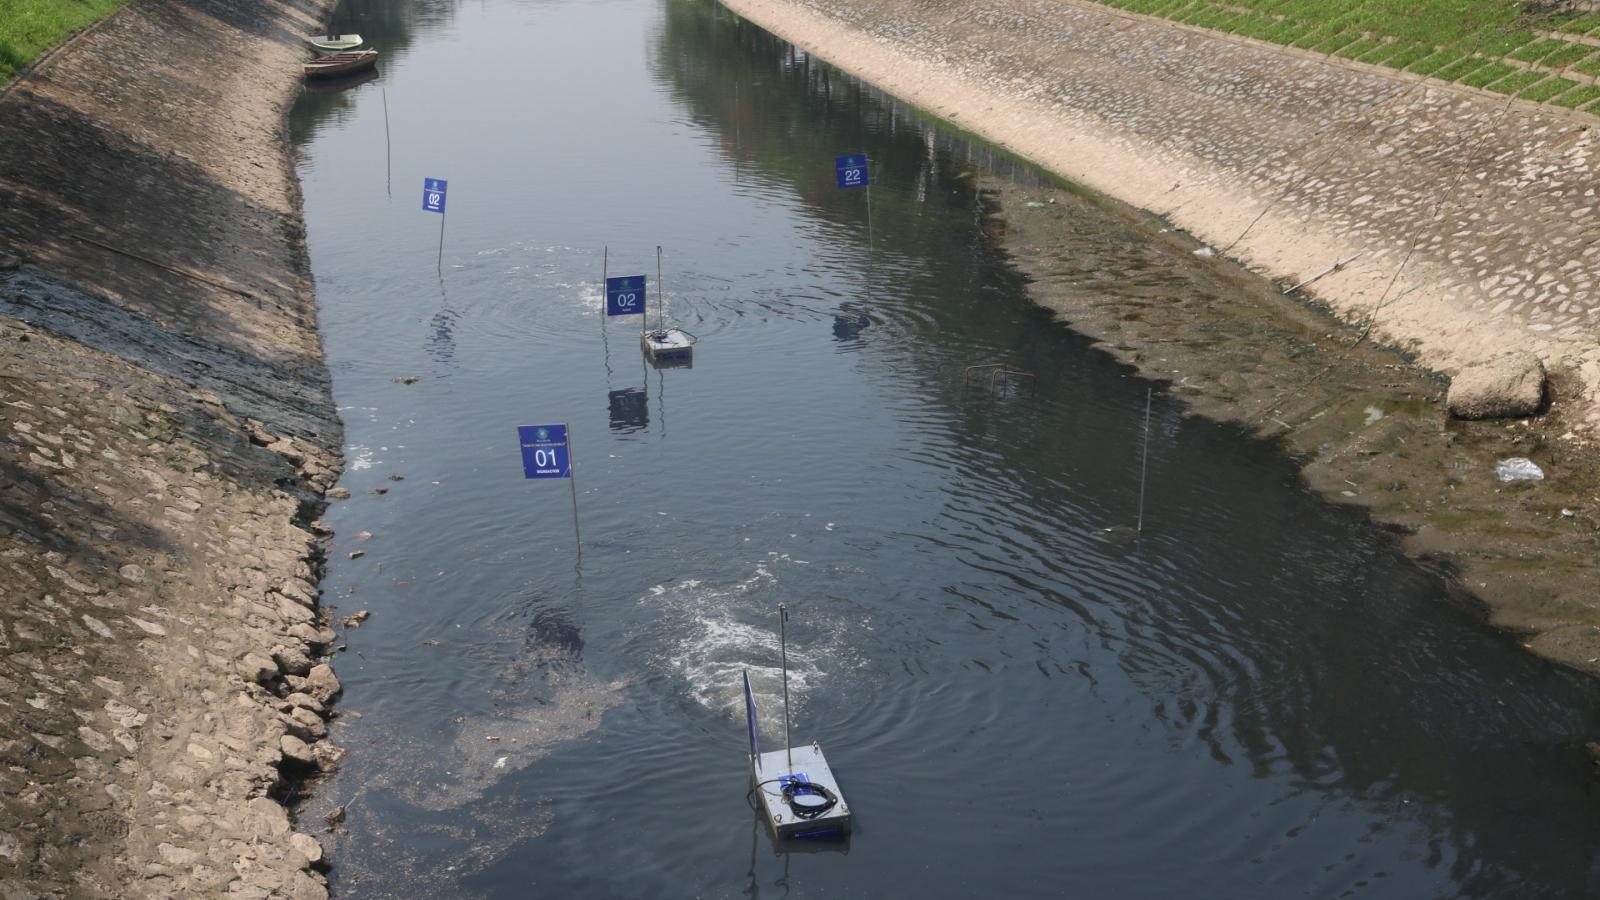 Công ty Việt Nhật có từ bỏ xử lý ô nhiễm sông Tô Lịch?